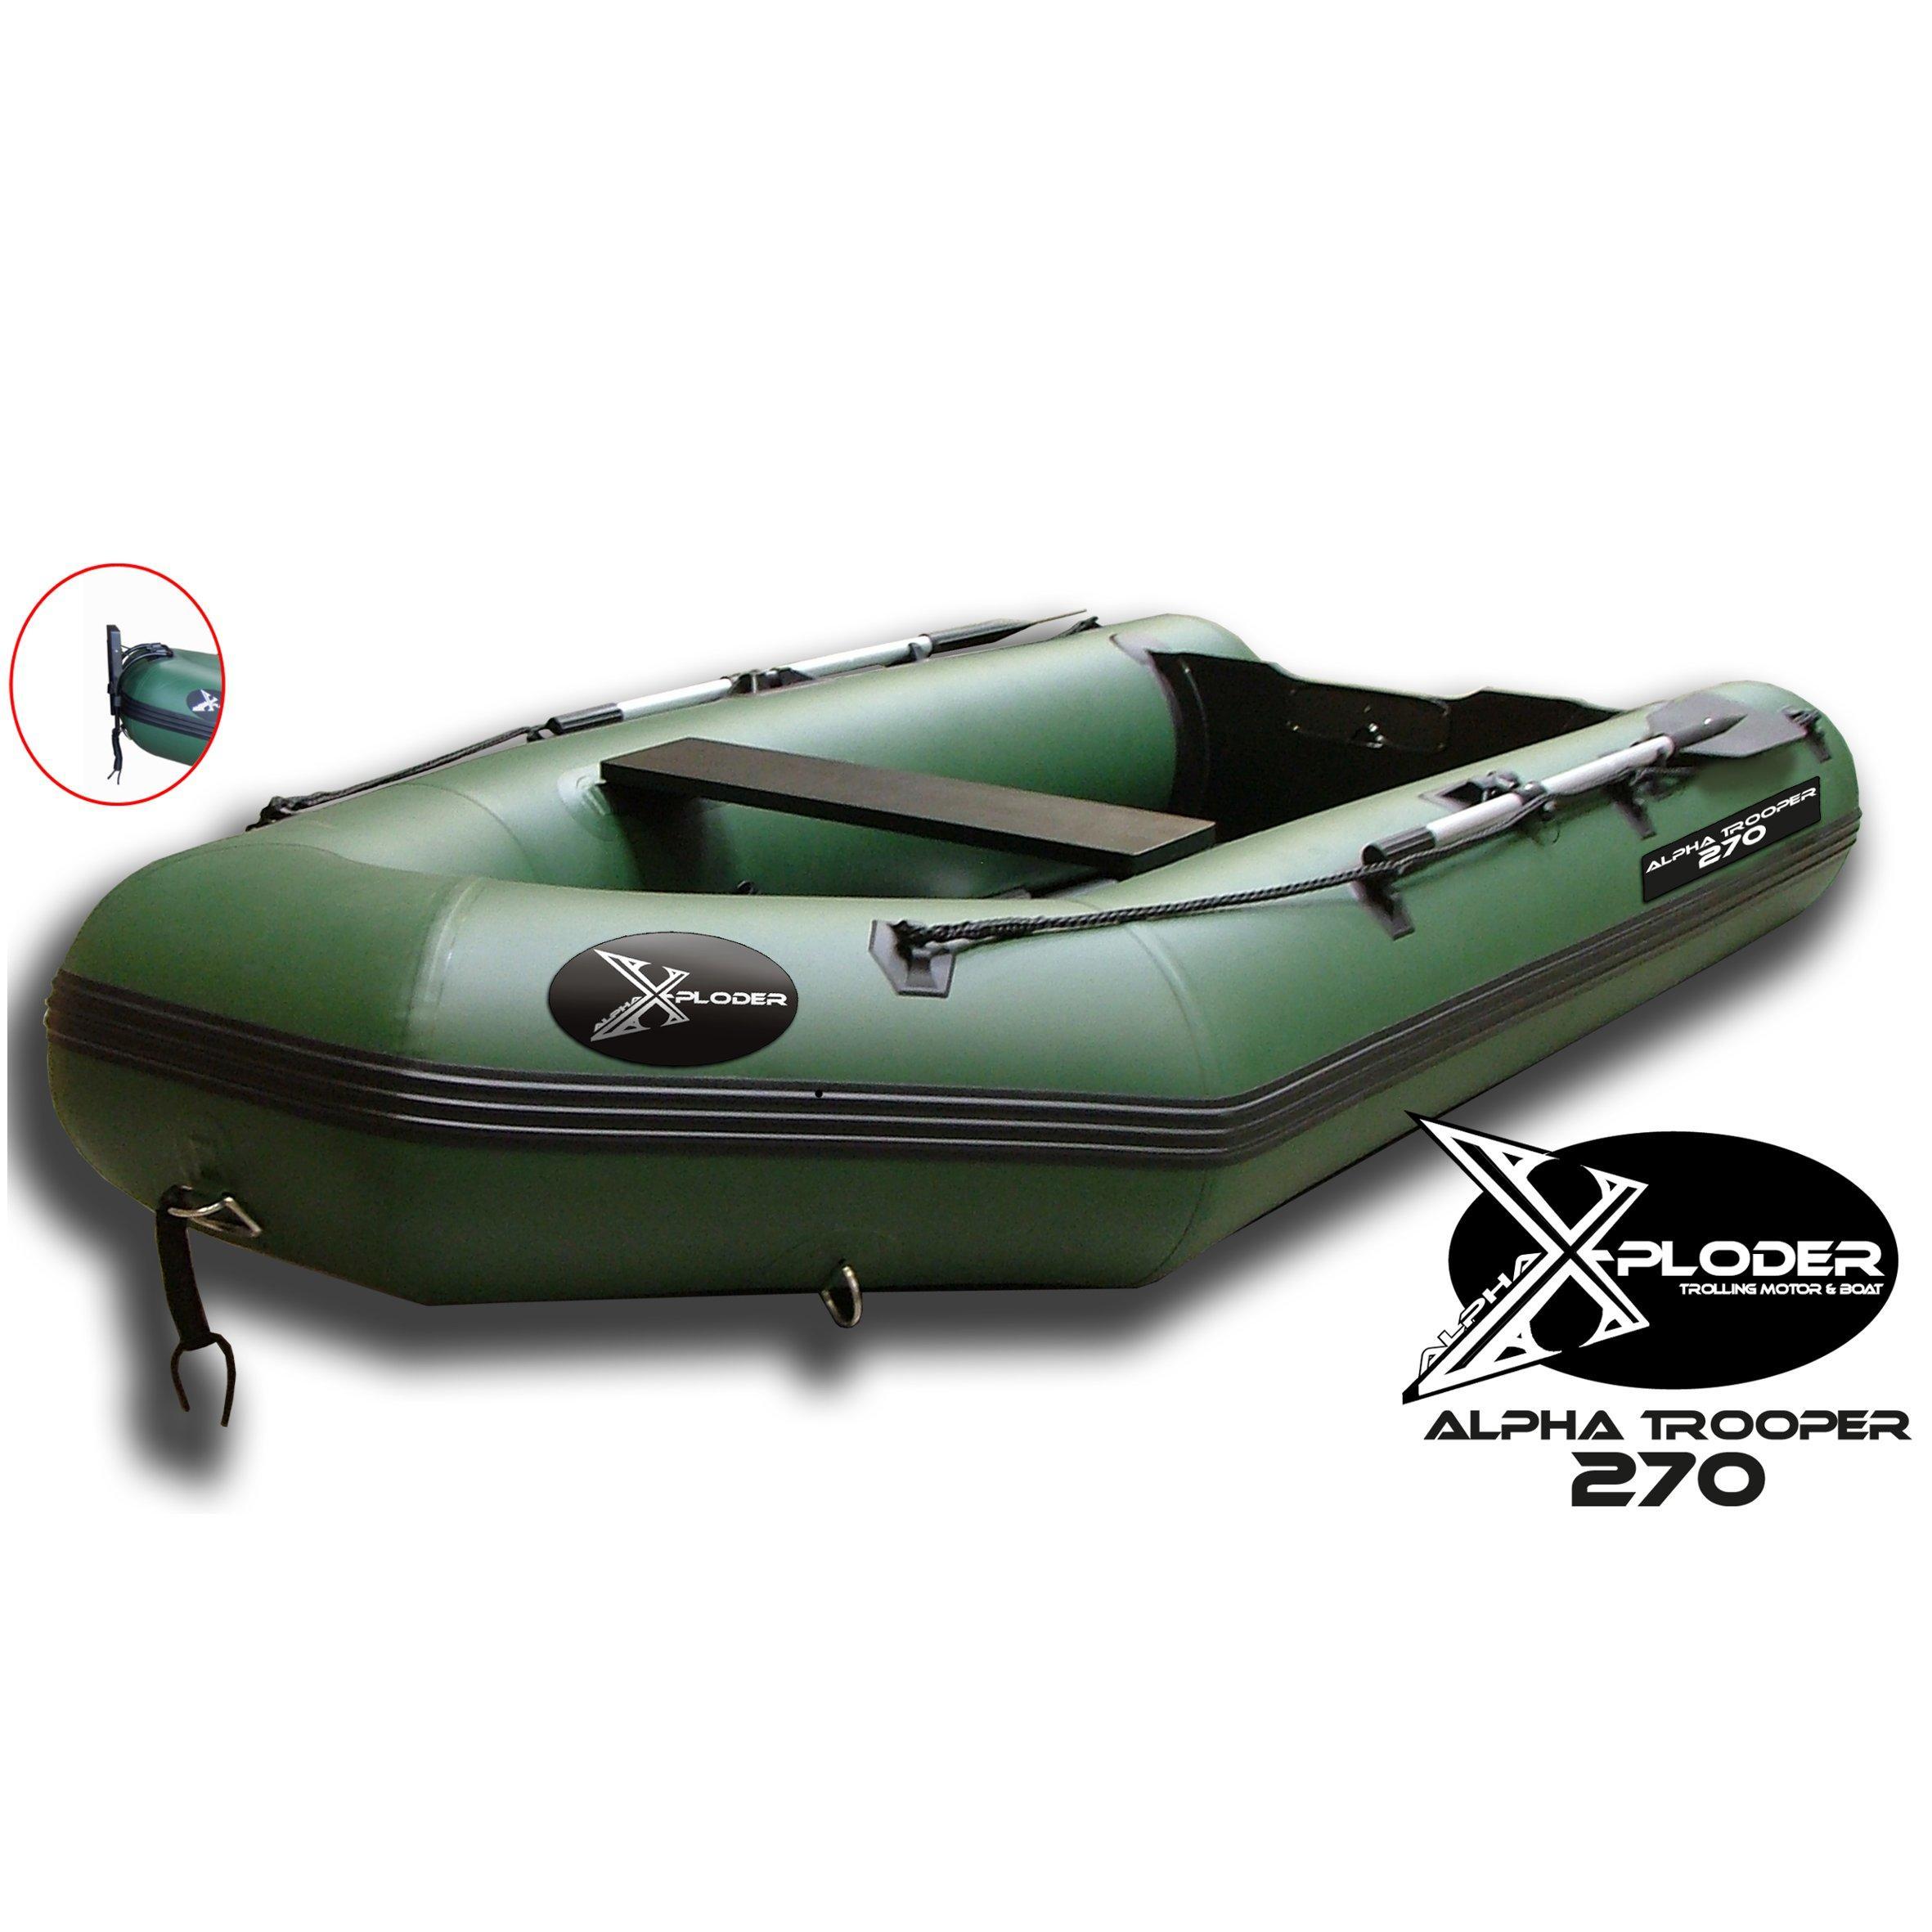 Barcă X-PloderAlpha Trooper270 la Reducere poza